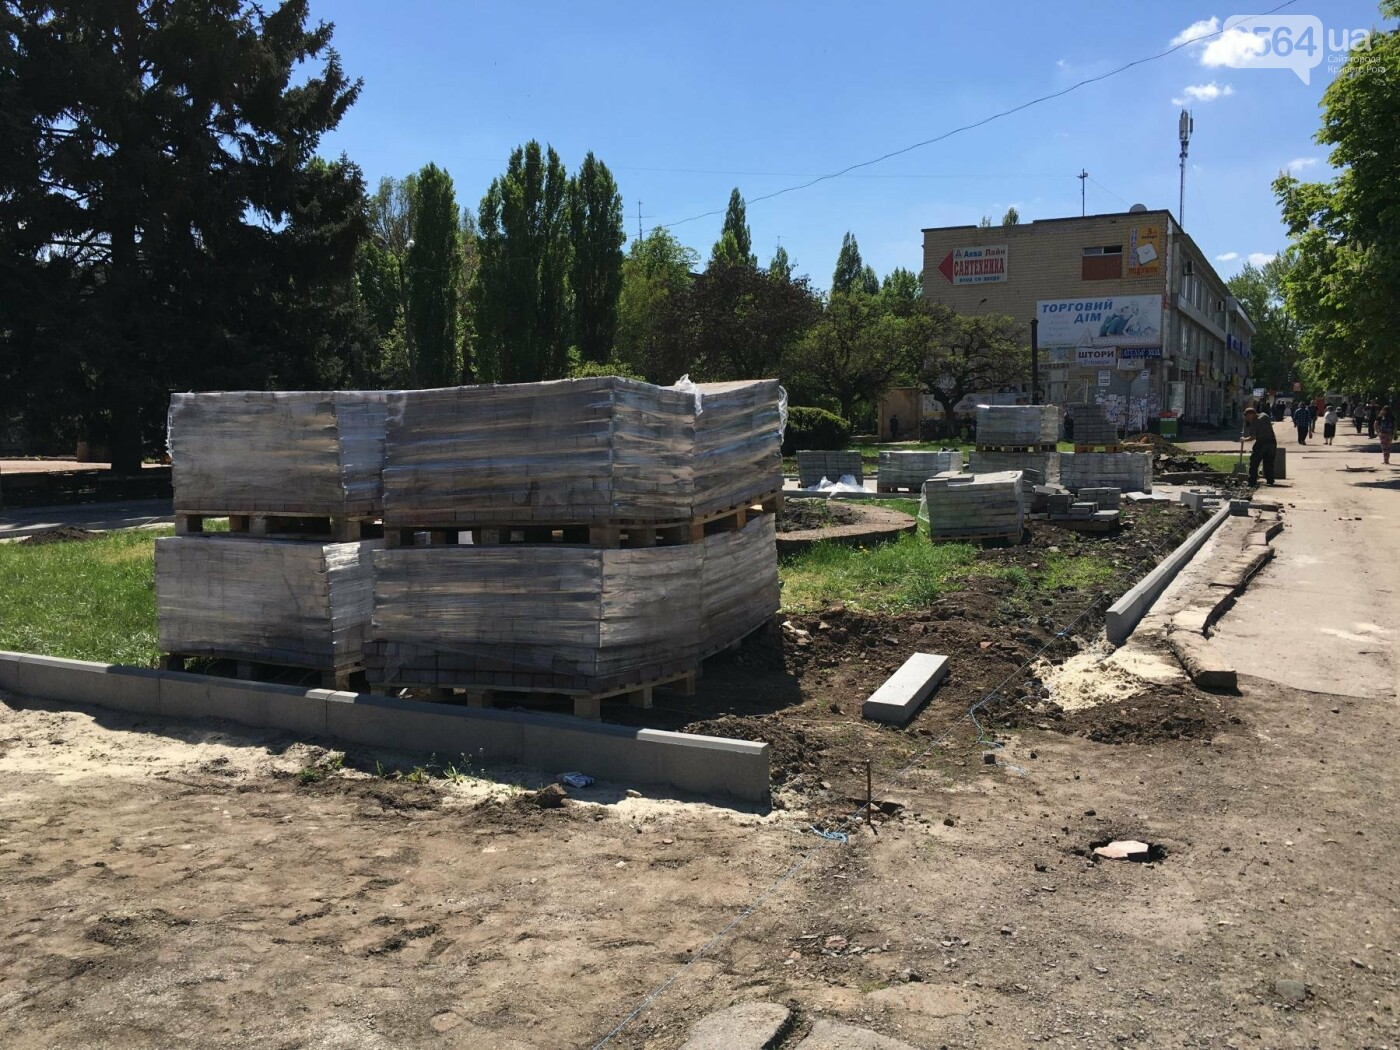 В Кривом Роге перед Дворцом культуры убрали остатки памятника Ленину (ФОТО), фото-20